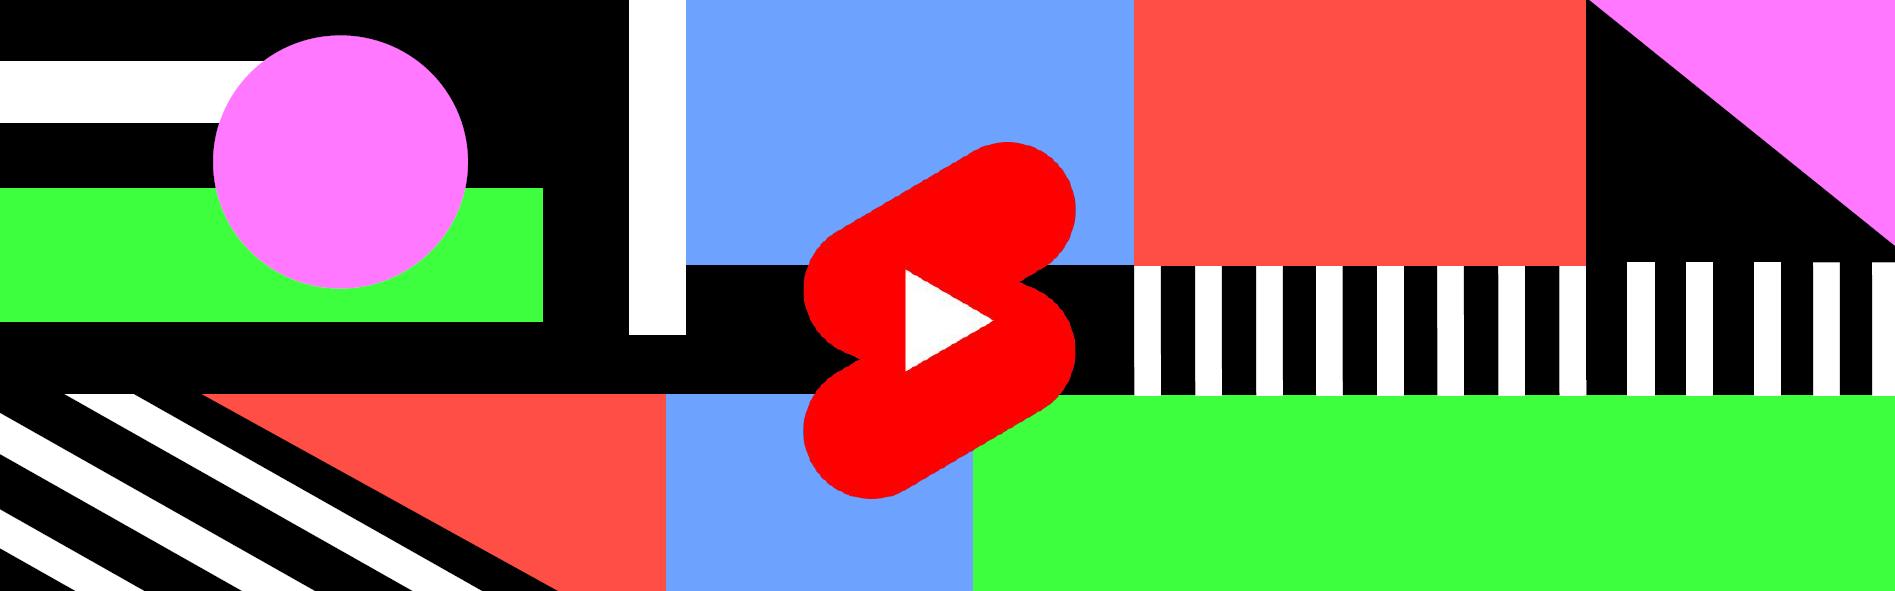 YouTube Shorts - image